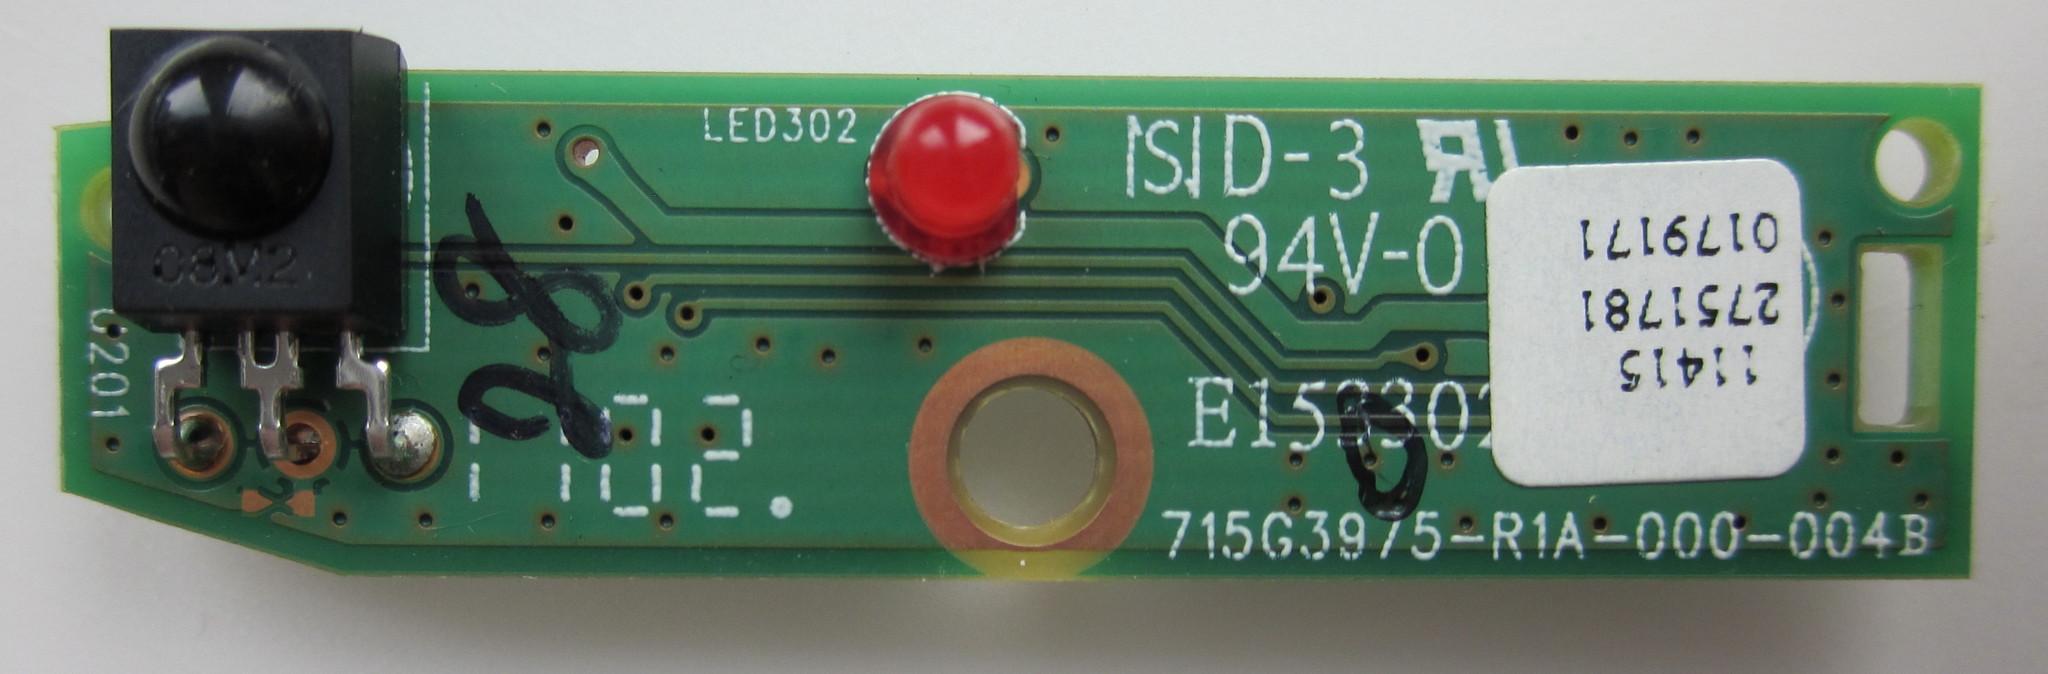 715G3975-R1A-000-004B